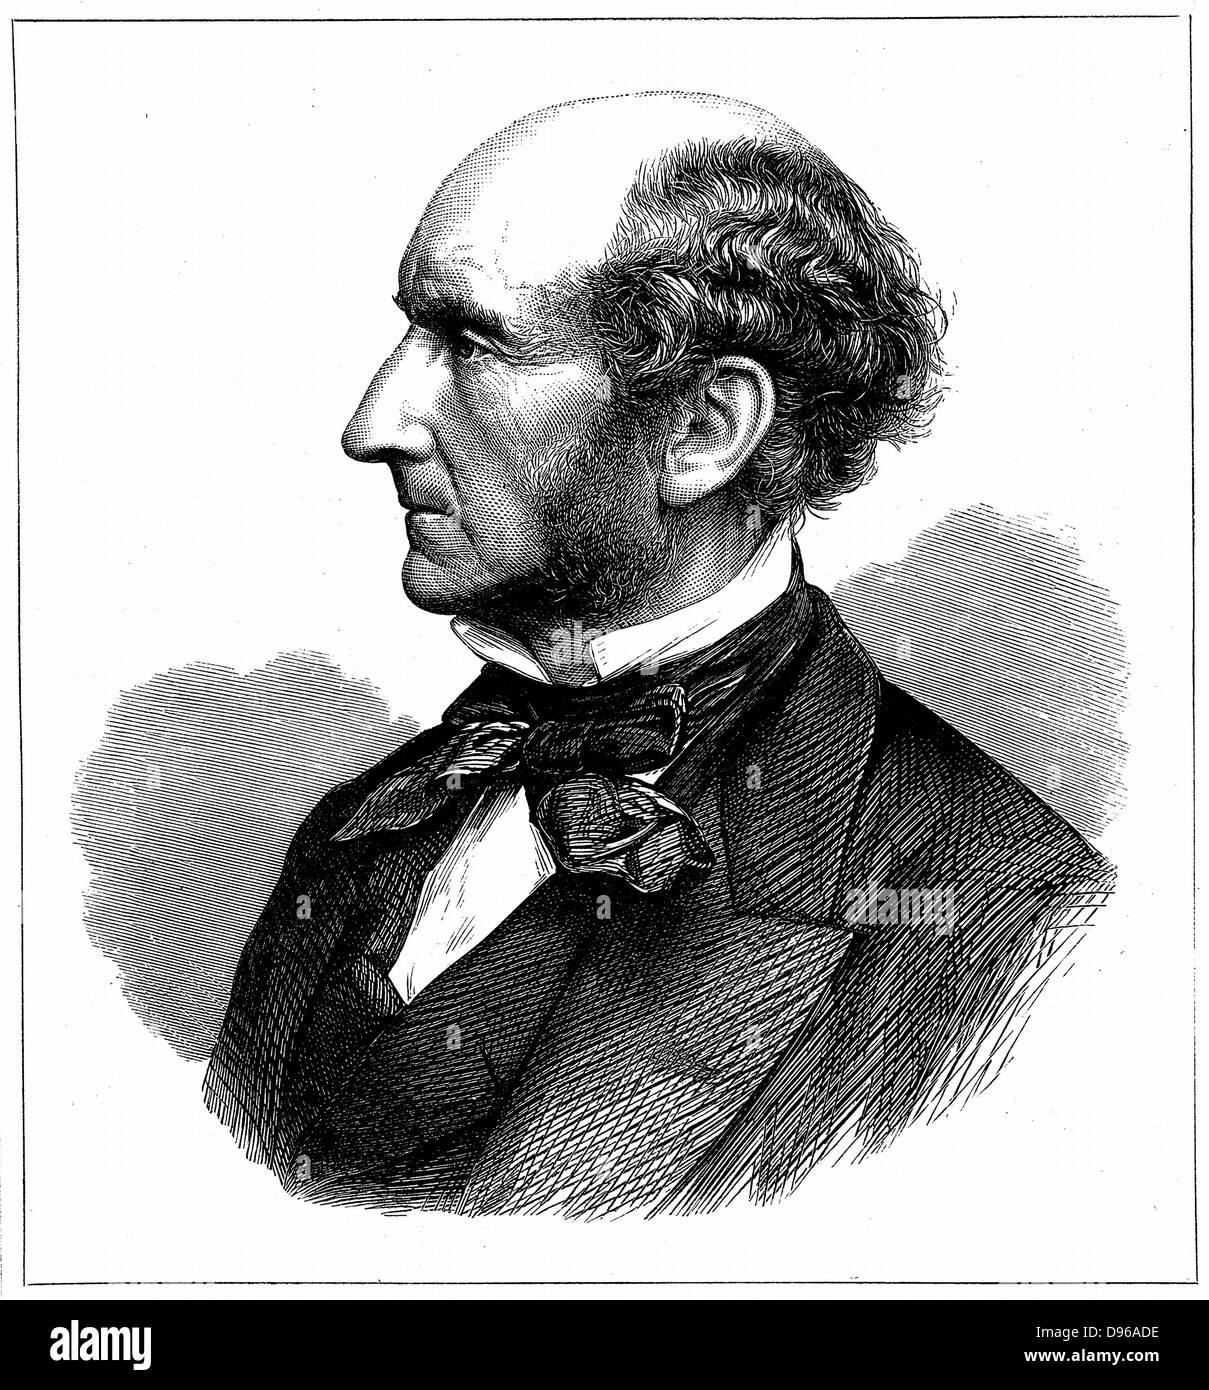 John Stuart Mill (1806-73) el reformador social británico y filósofo. Grabado en madera publicado en el momento Foto de stock